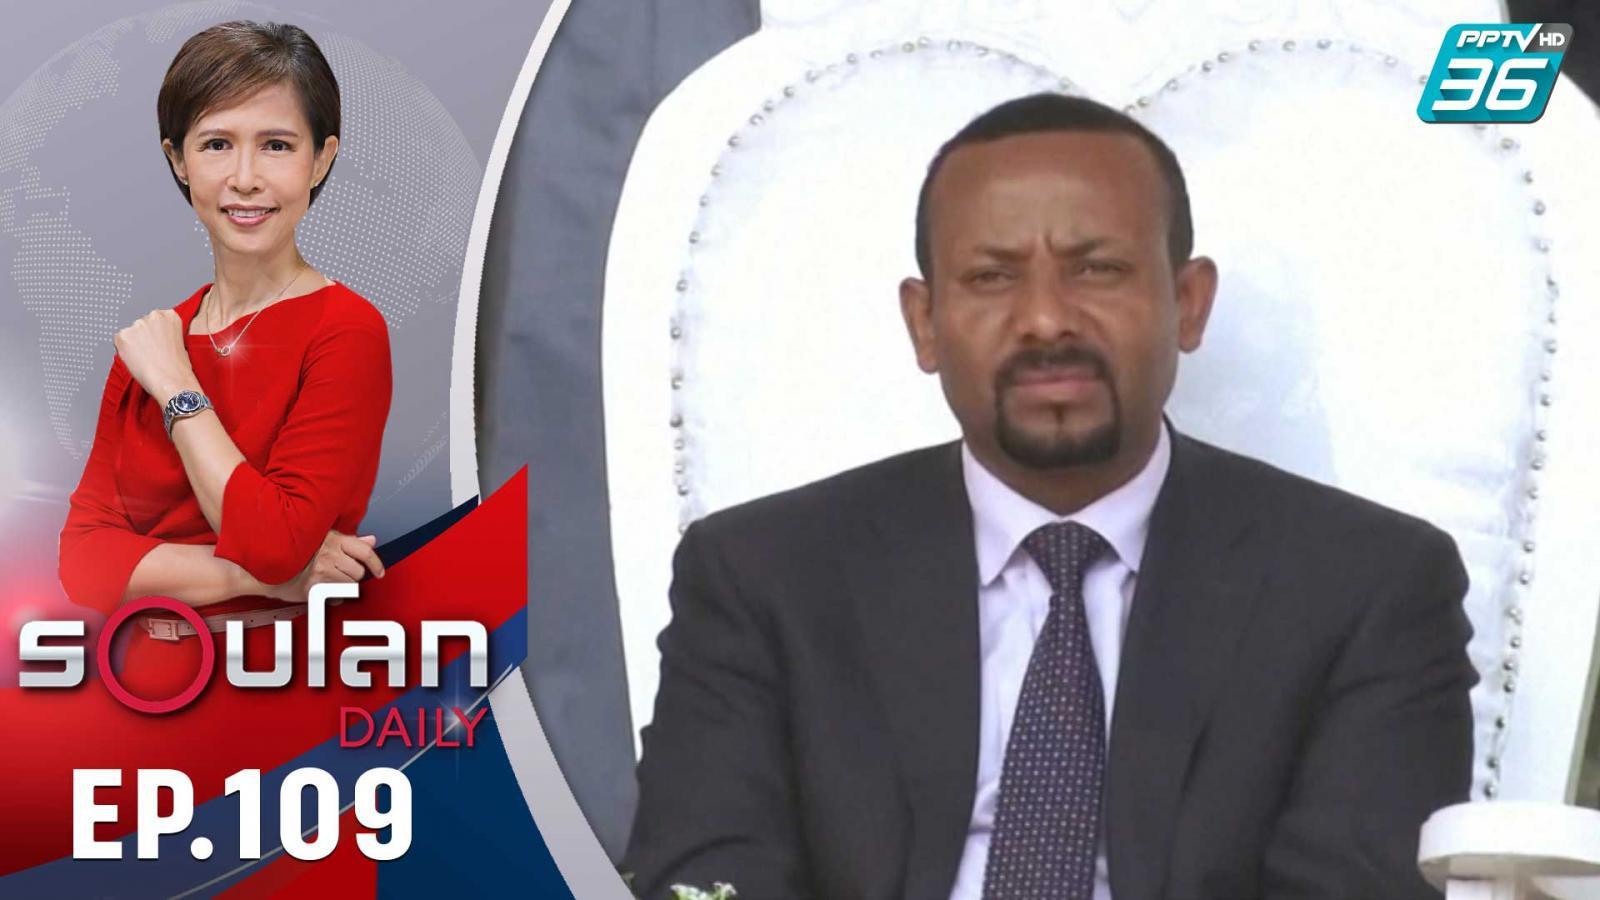 นายกฯเอธิโอเปีย เจ้าของรางวัลโนเบลสันติภาพ กำลังทำสงครามในประเทศ | 19 พ.ย. 63 | รอบโลก DAILY